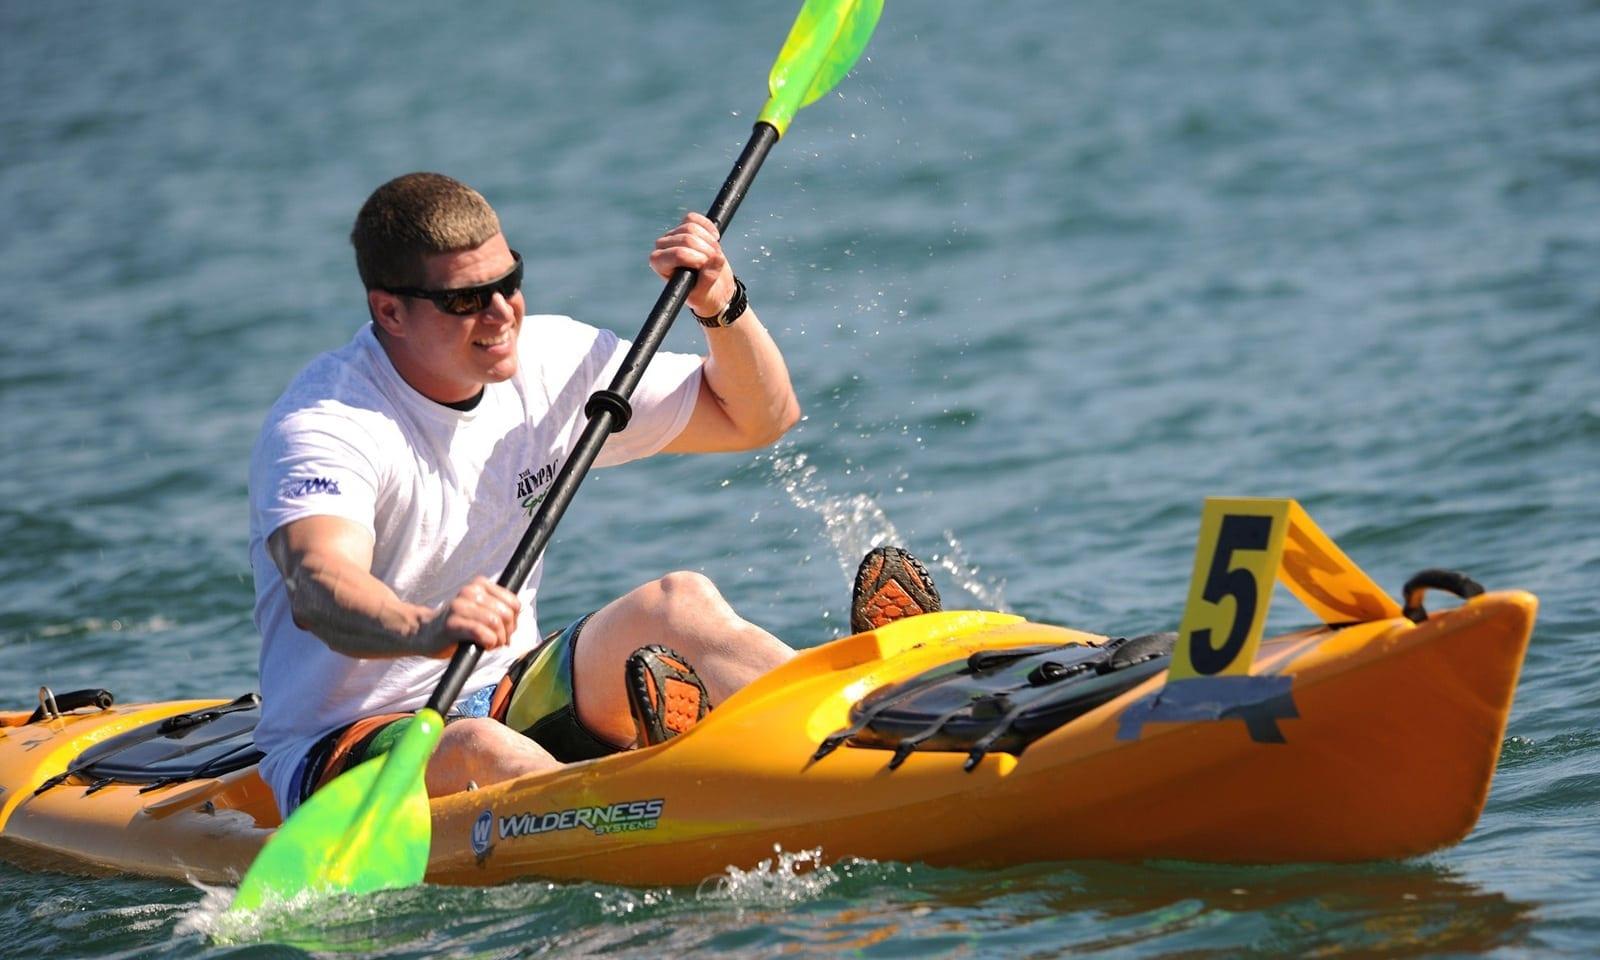 man-kayaking-image